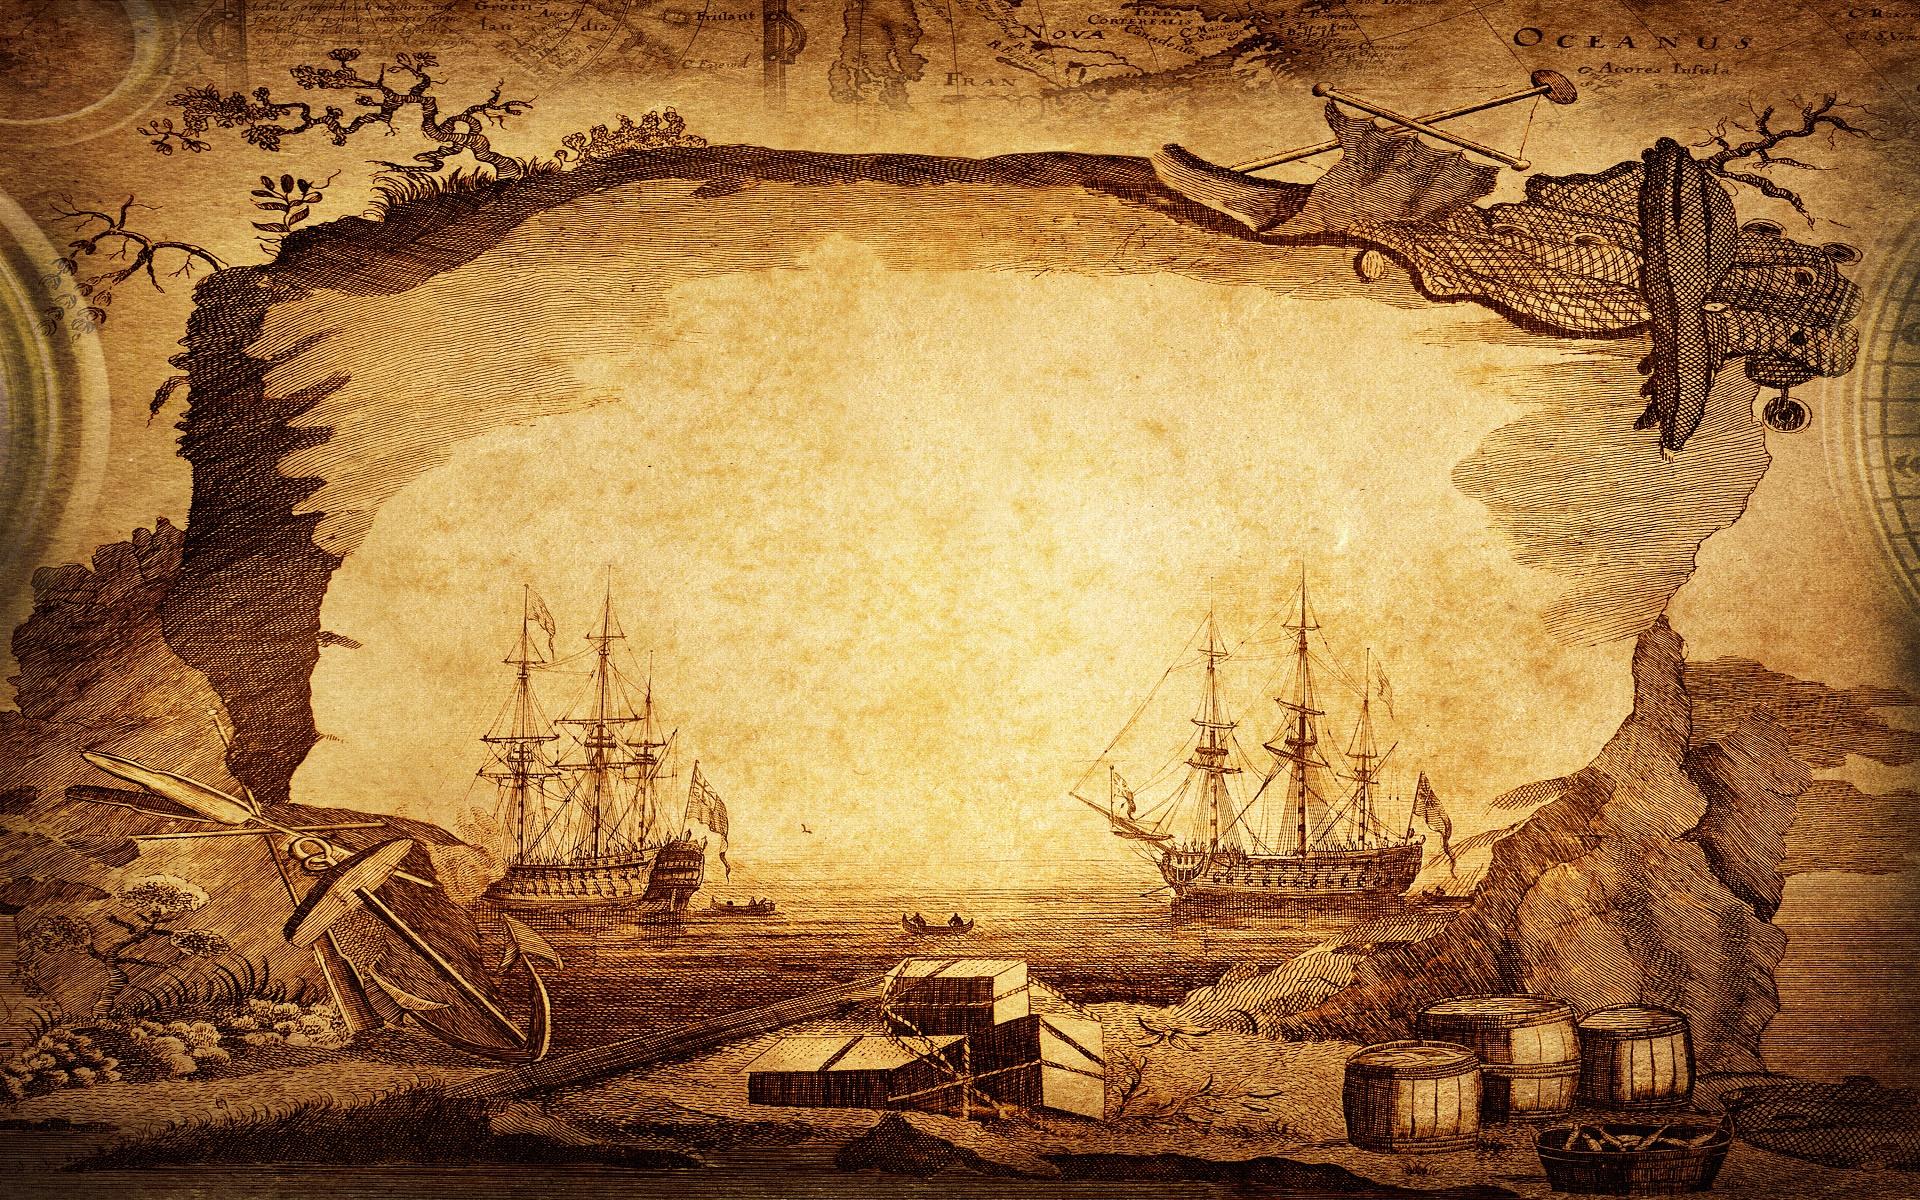 Hình nền đẹp cho Powerpoint chủ đề lịch sử